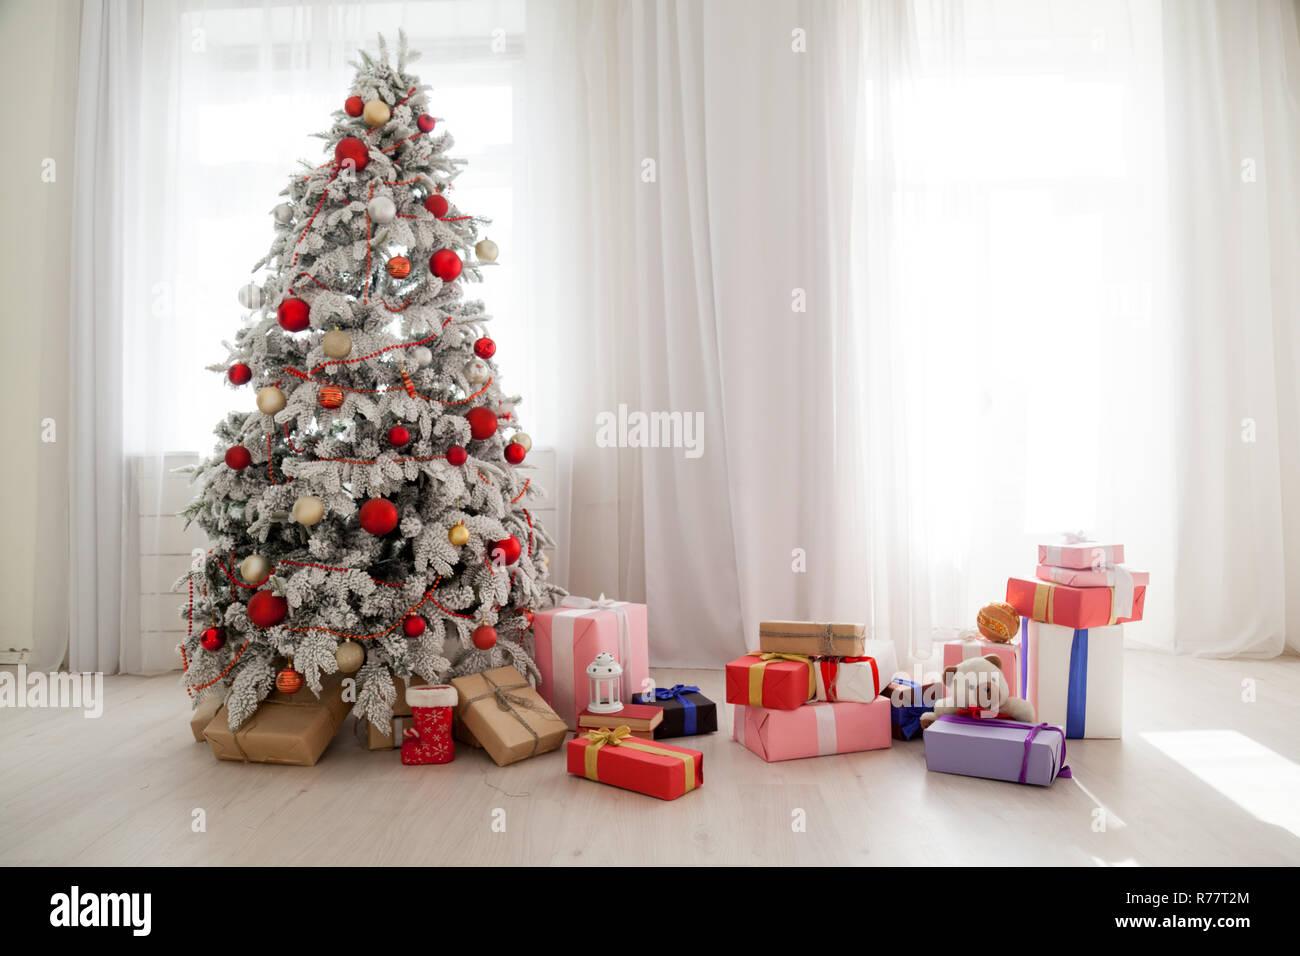 de Noël ornement. Gingerbread Man Arbre de Noël décoration fait main Arbre parage